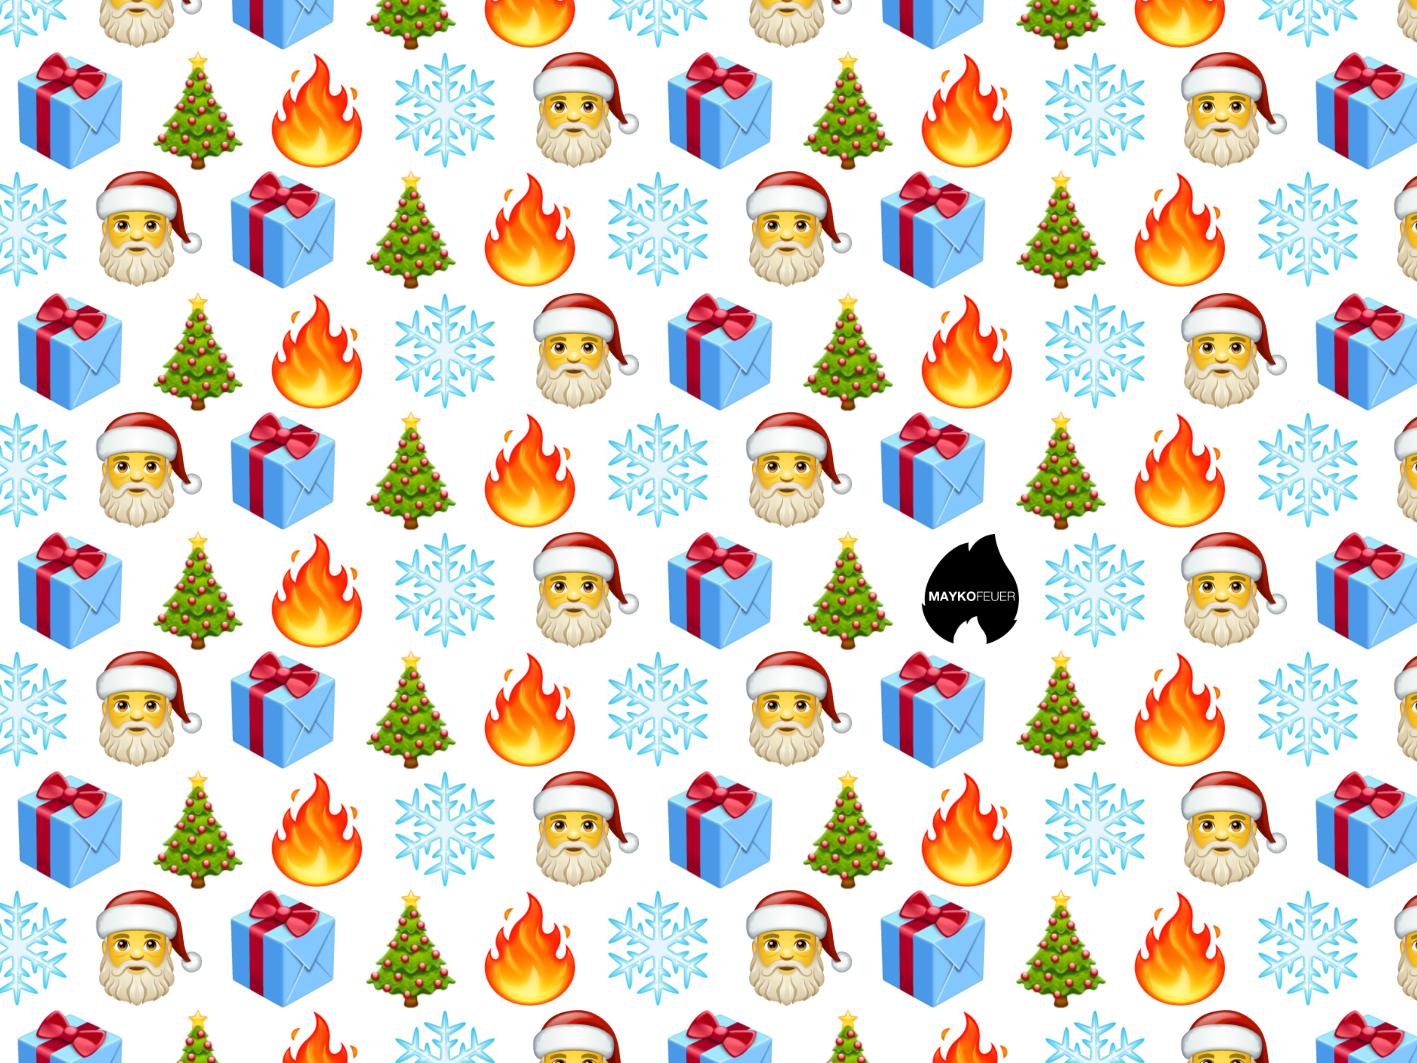 Neues vom Zündling: Weihnachten in WhatsApp